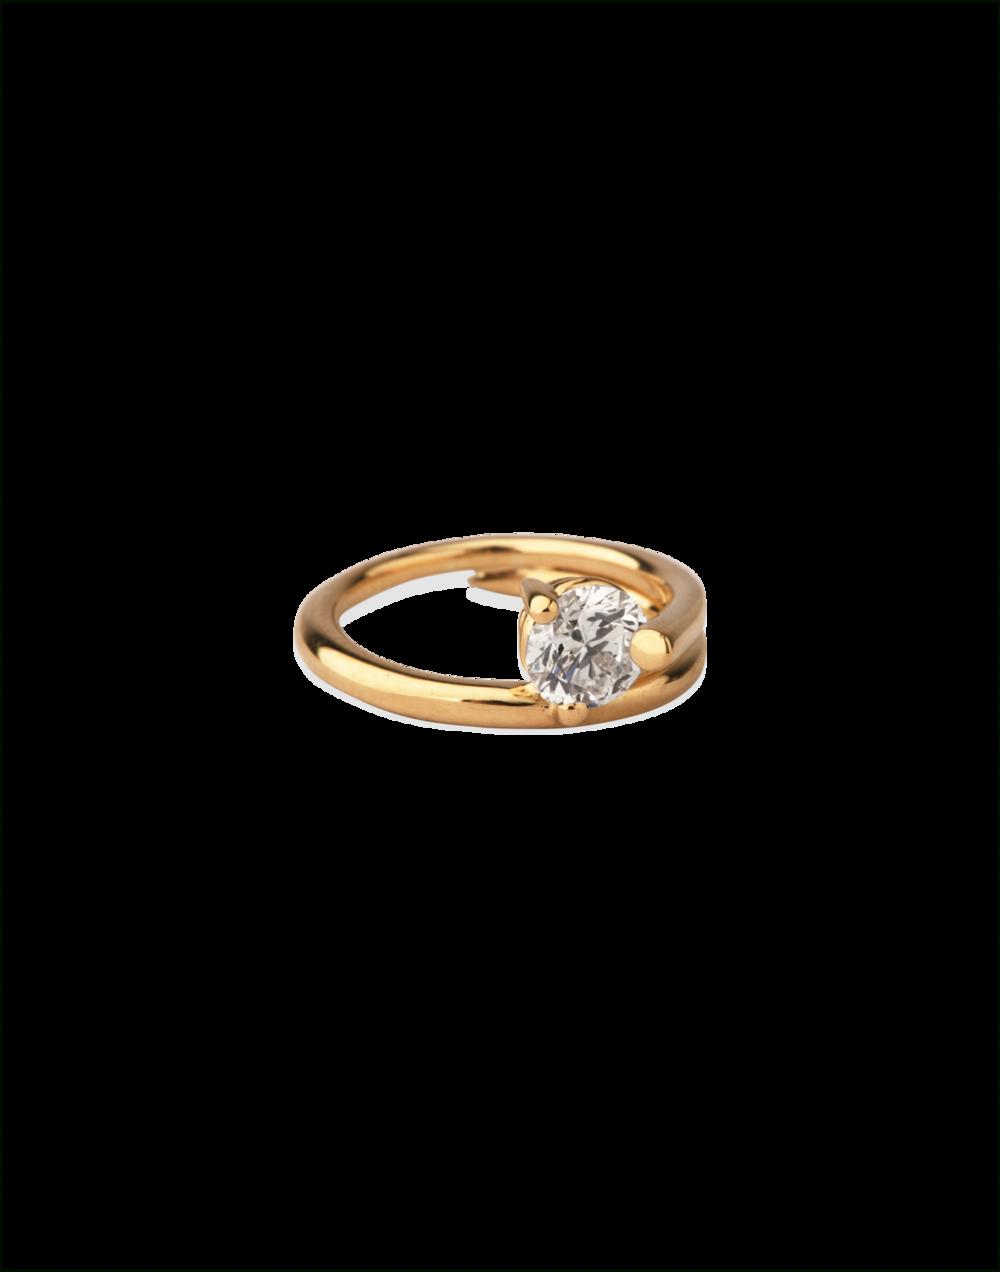 Completedworks-Subverted-Flower-Bridal-Ring-4-1.png